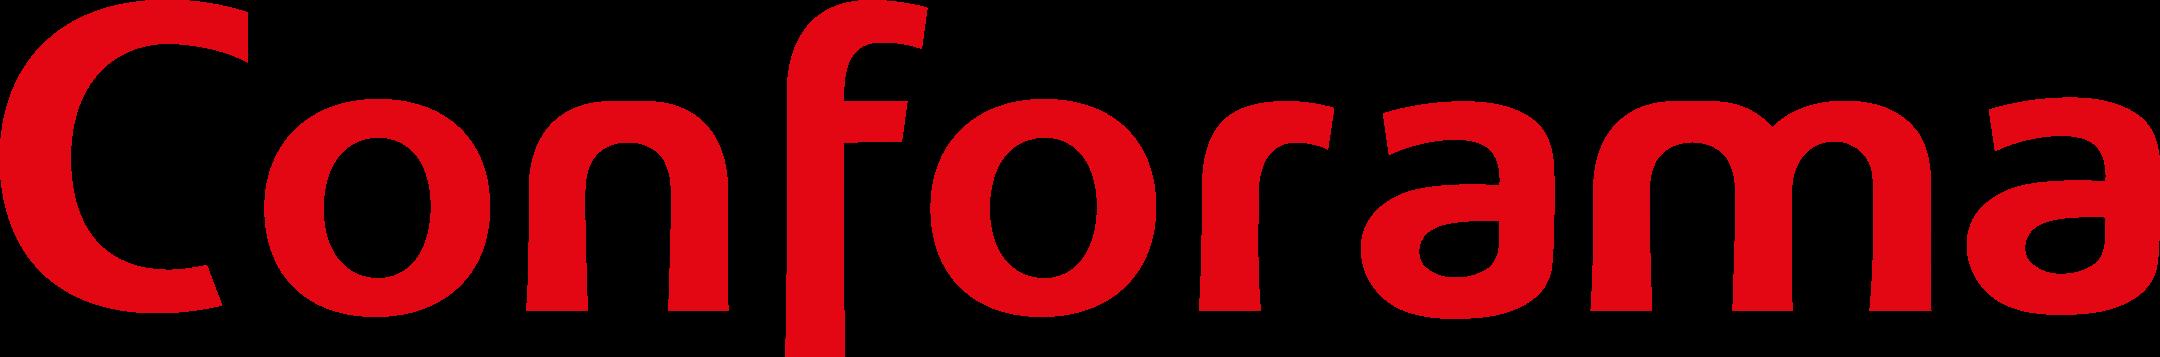 conforama logo 1 - Conforama Logo